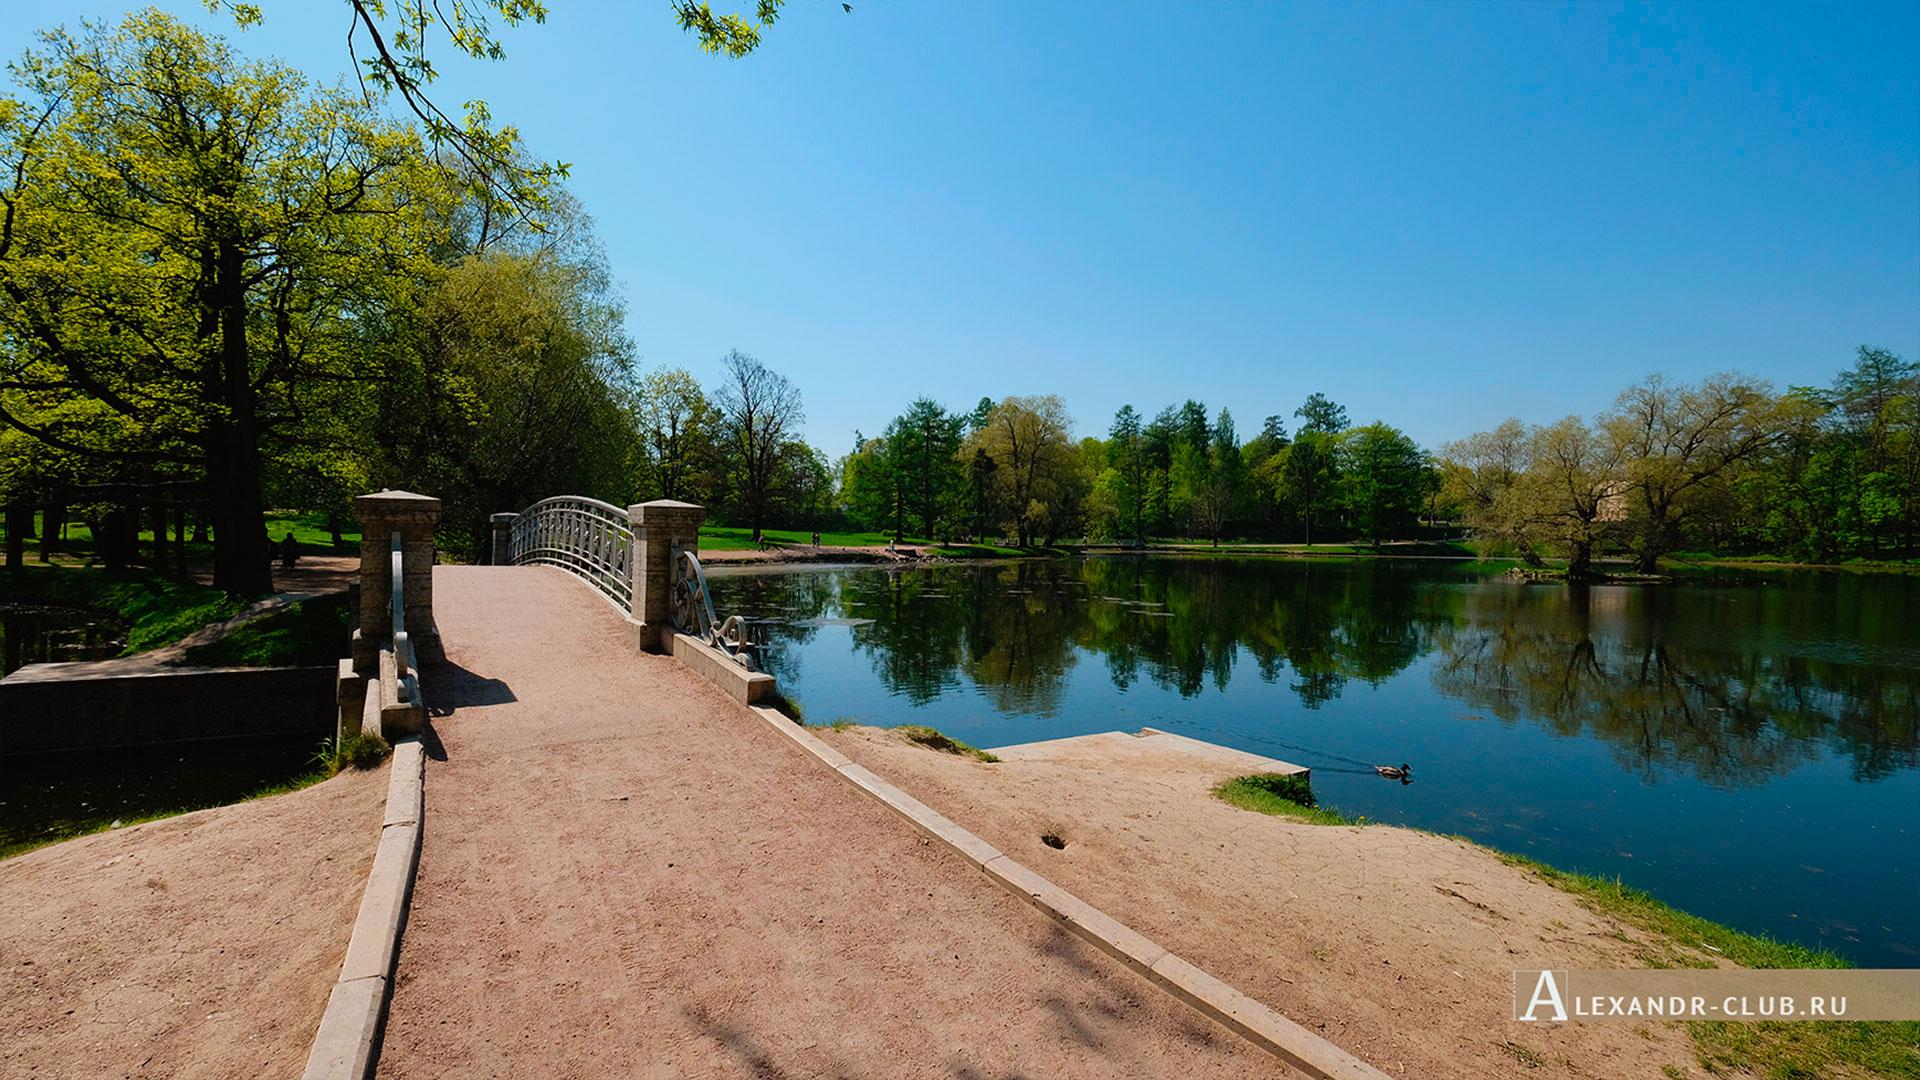 Гатчинский парк, весна, мостик напротив Адмиралтейства